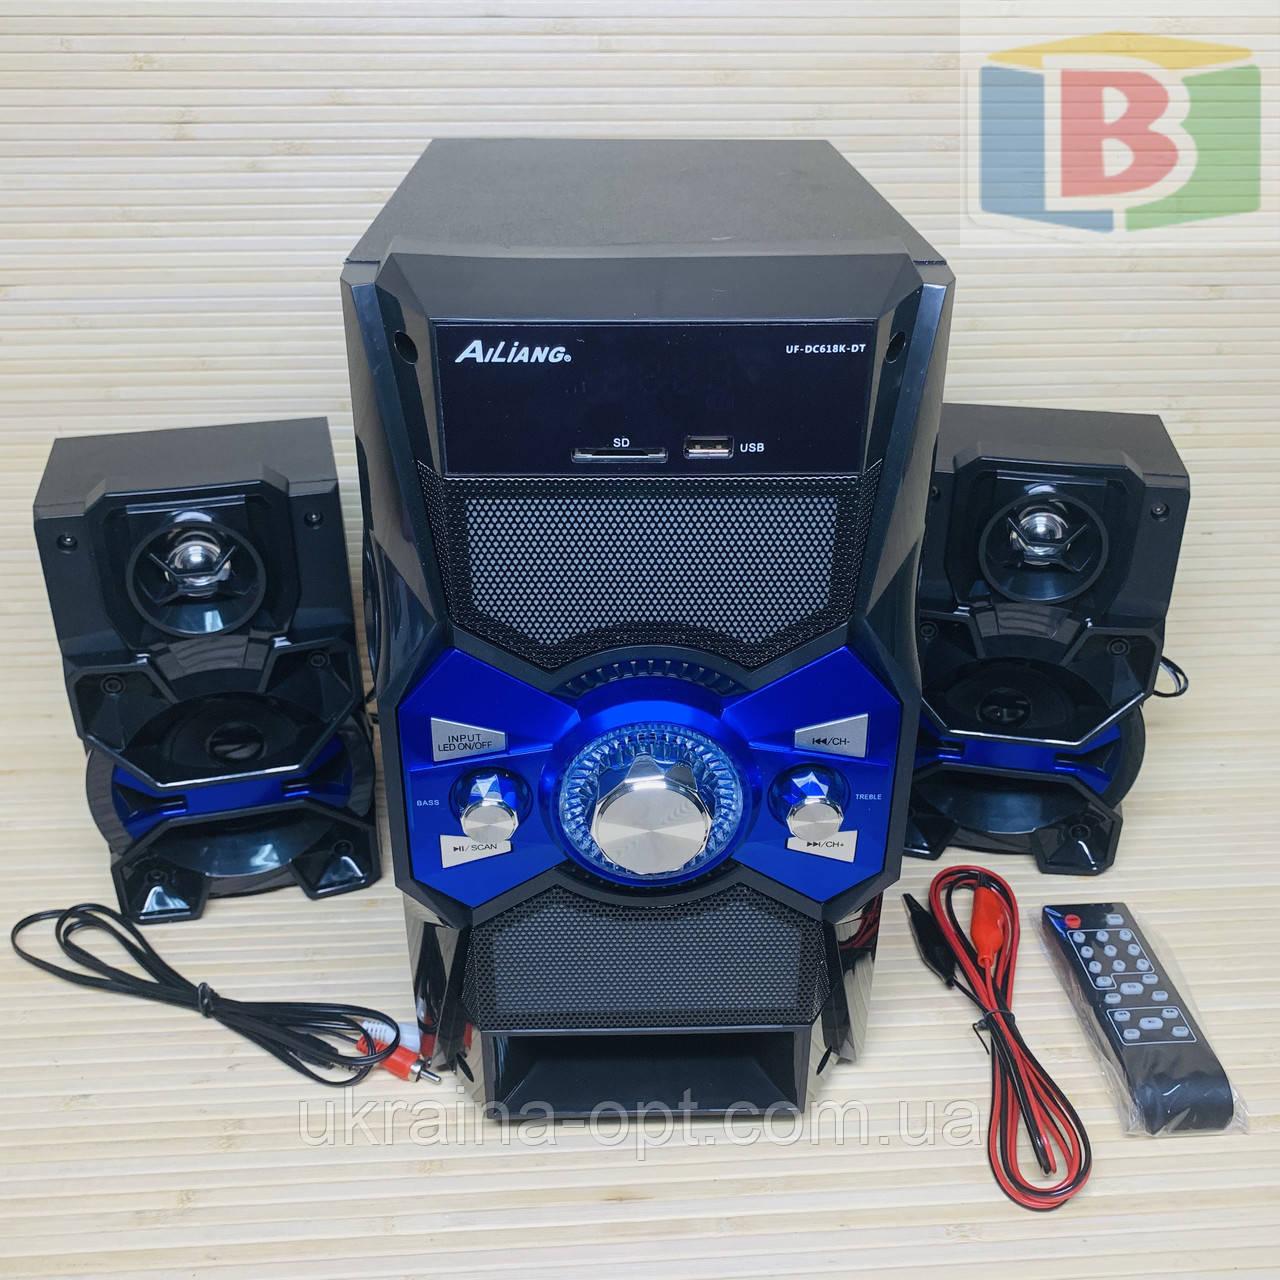 Музыкальный центр активная акустическая система + колонки Ailiang UF-618, 880W пульт, подсветка